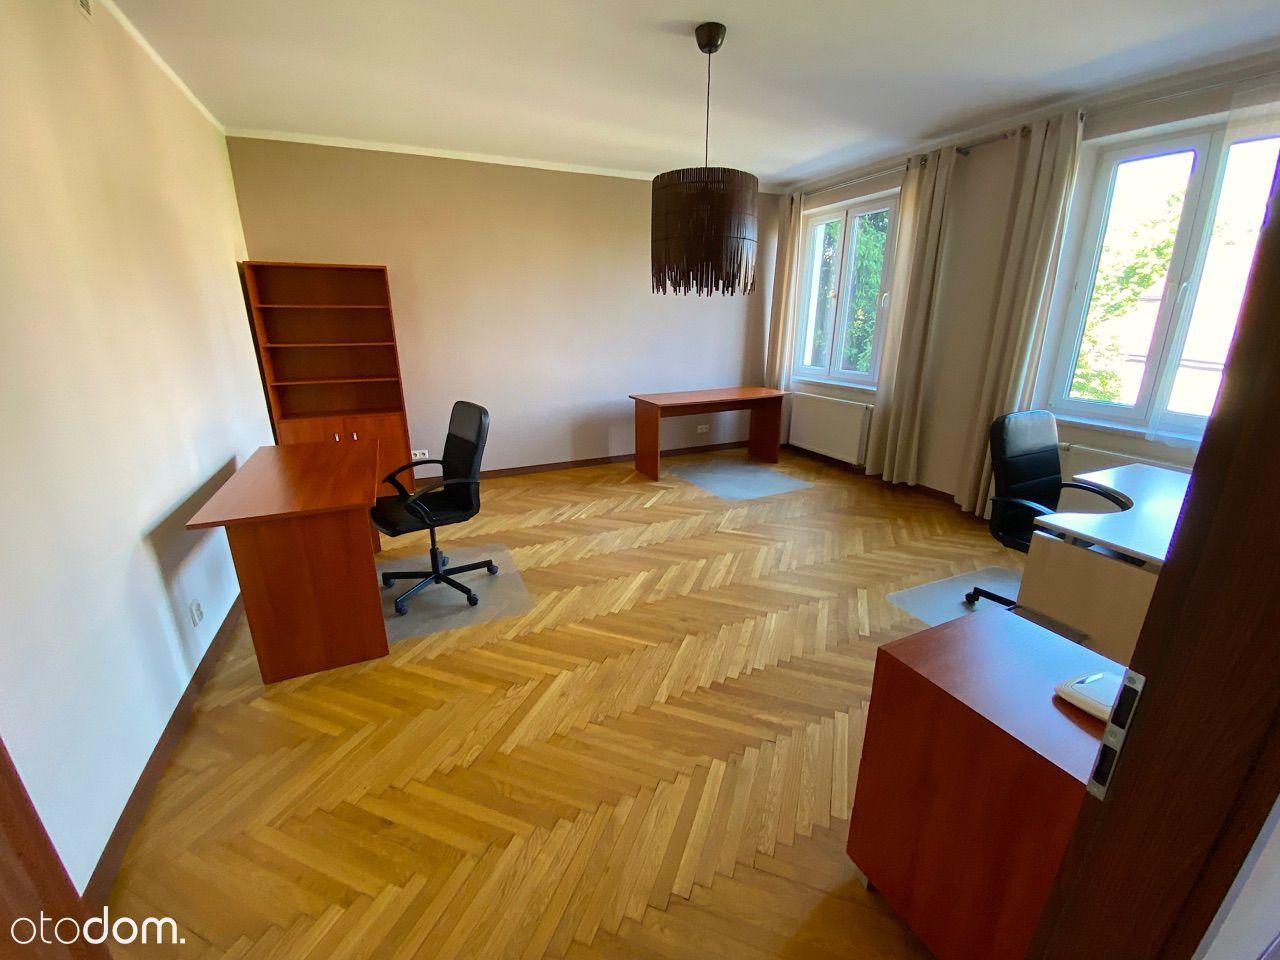 Reprezentacyjny lokal na biuro, kancelarię, 70m²